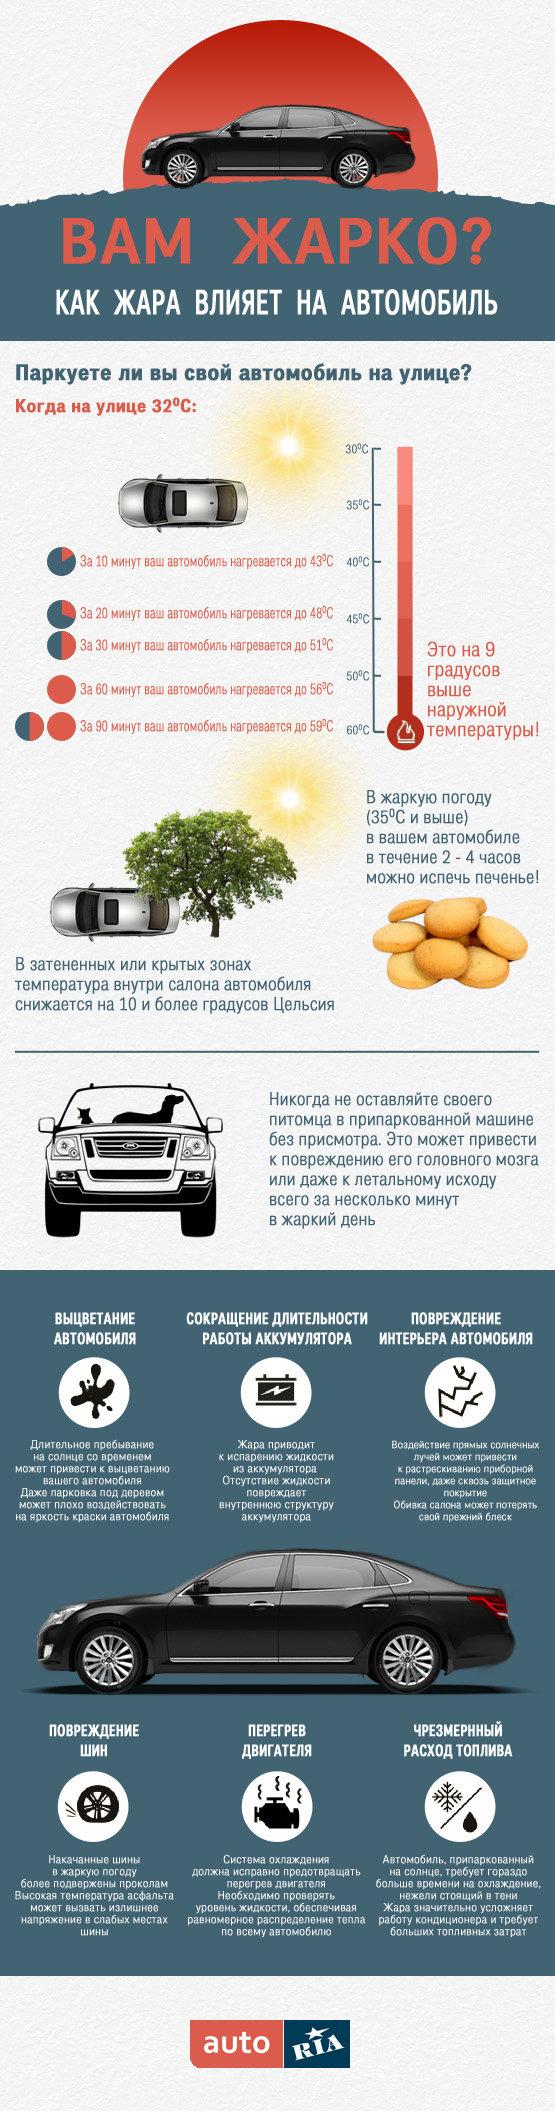 Инфографика: Как жара влияет на автомобиль